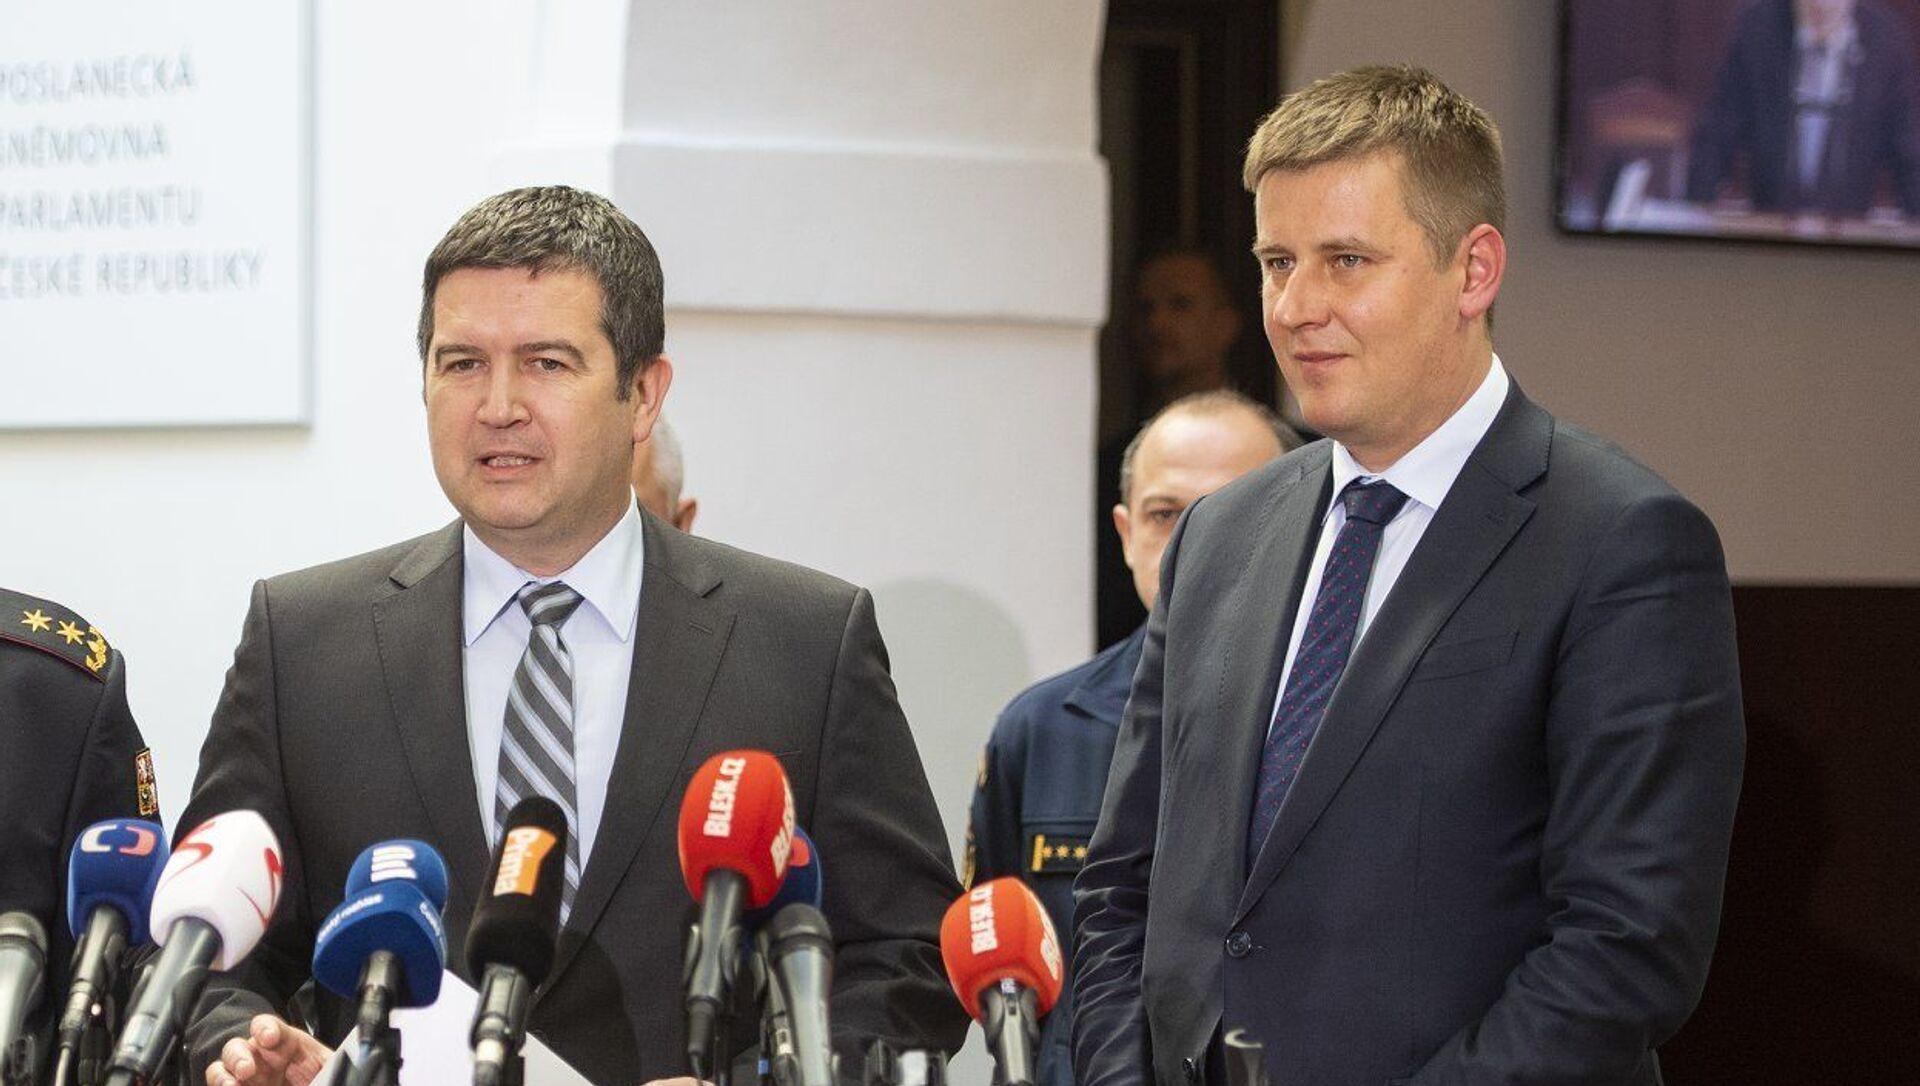 Předseda strany ČSSD a ministr vnítra jan Hamáček a ministr zahraničních věci Tomáš Petříček  - Sputnik Česká republika, 1920, 14.04.2021